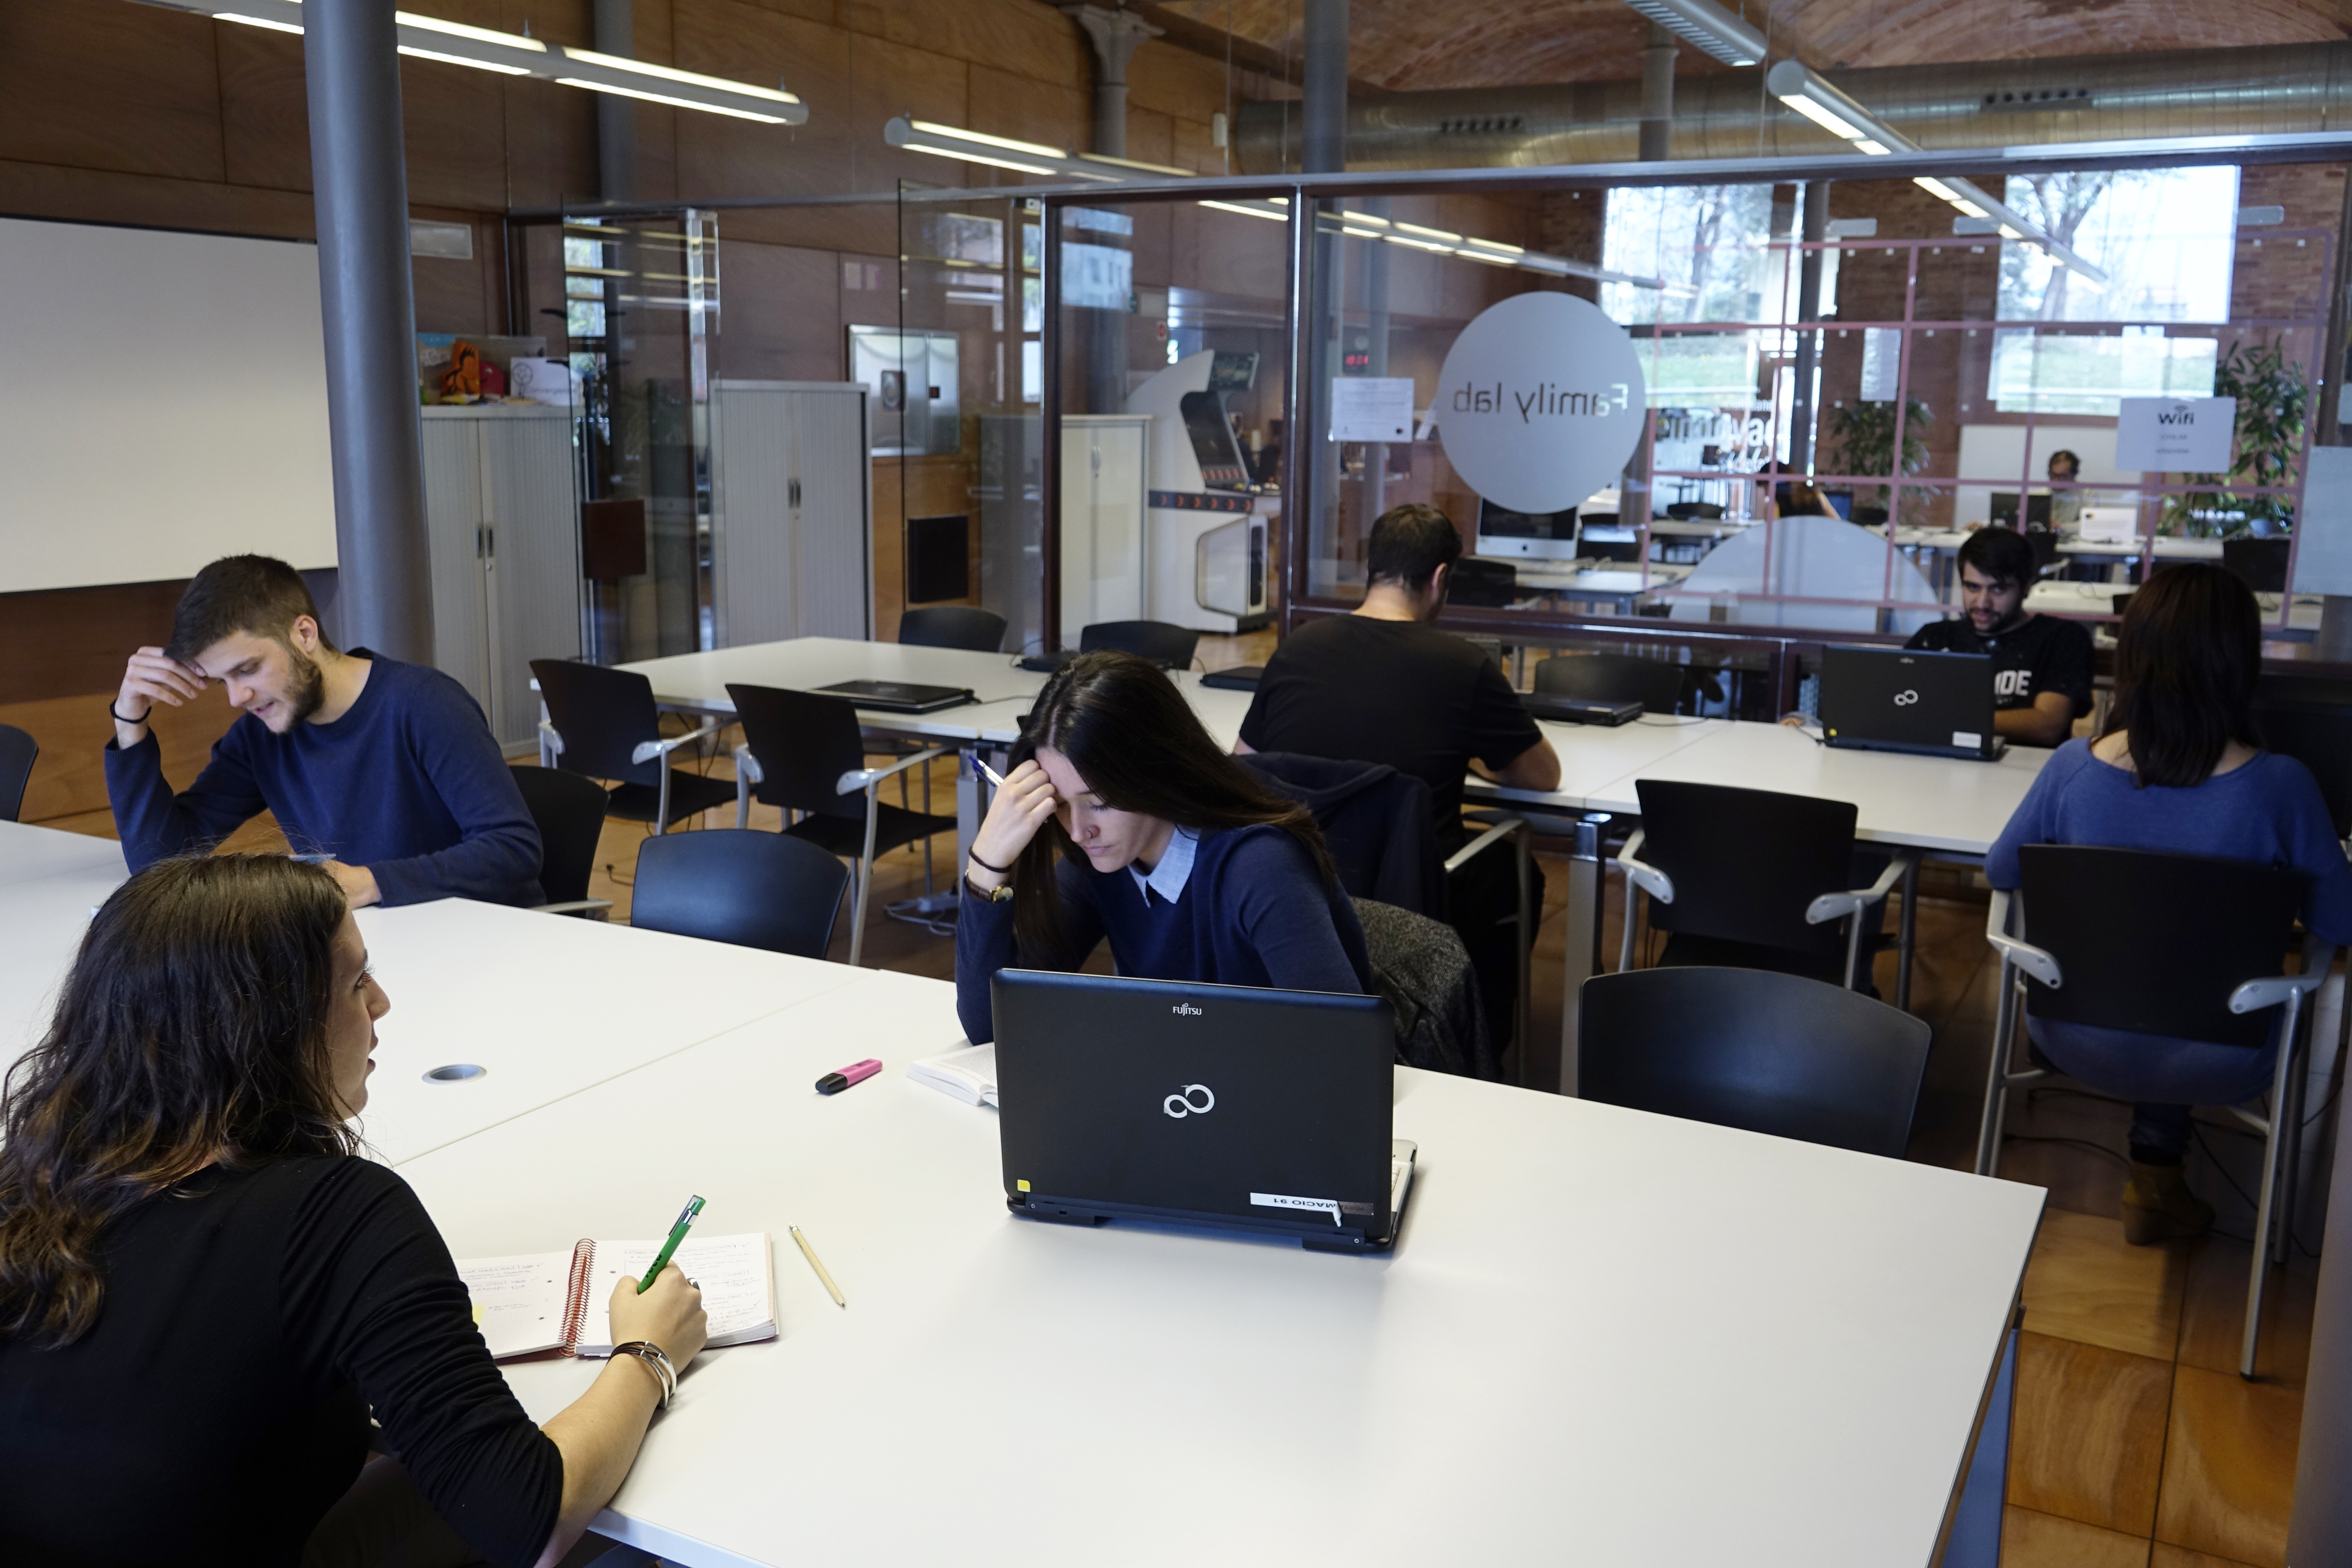 Estudiants Fent ús De L'aula D'estudi